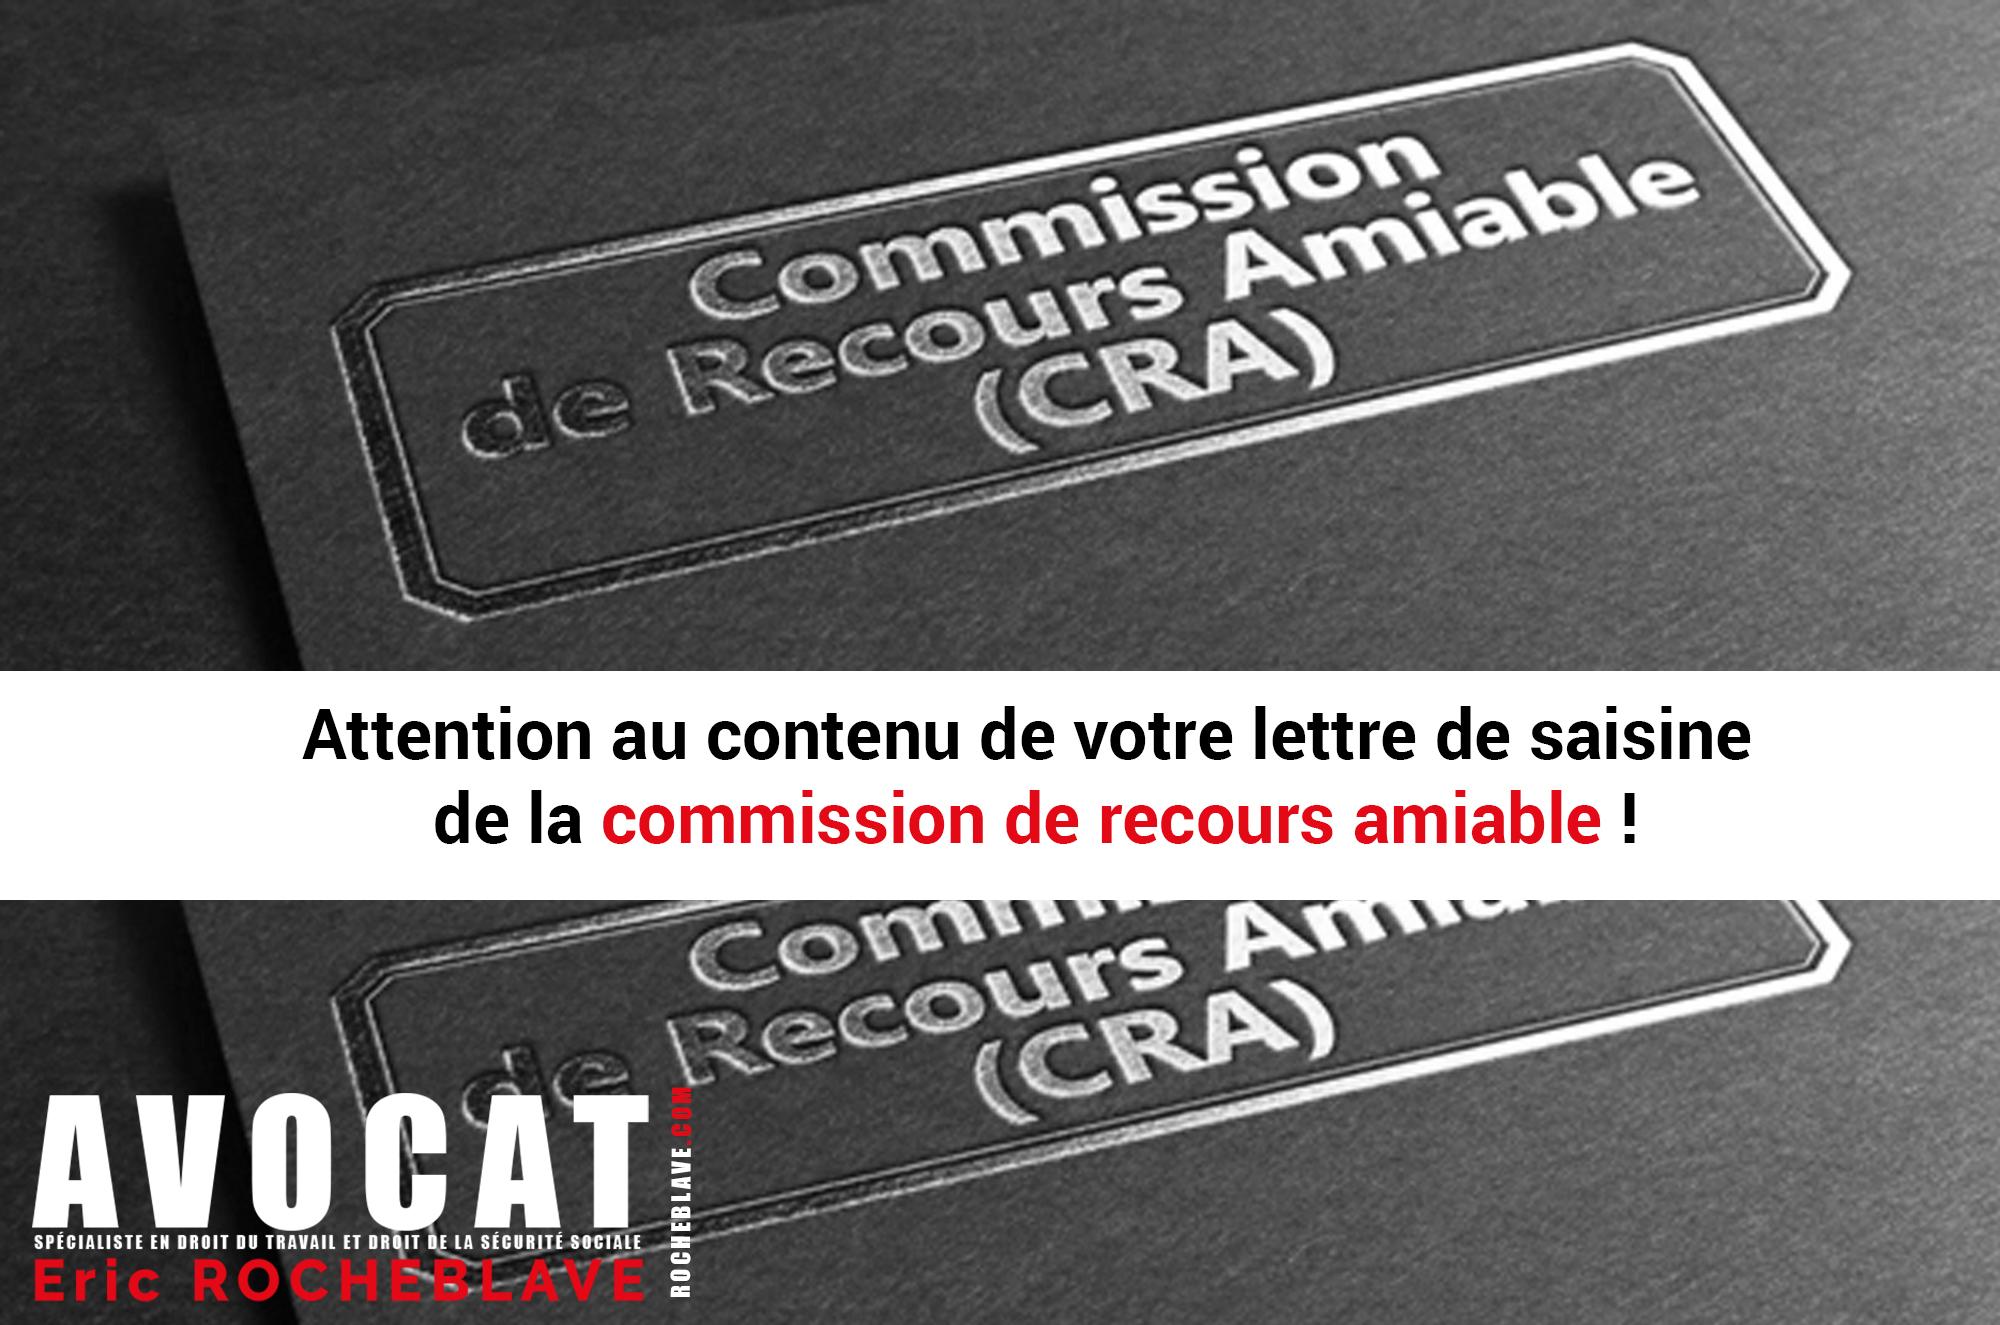 Attention au contenu de votre lettre de saisine de la commission de recours amiable !